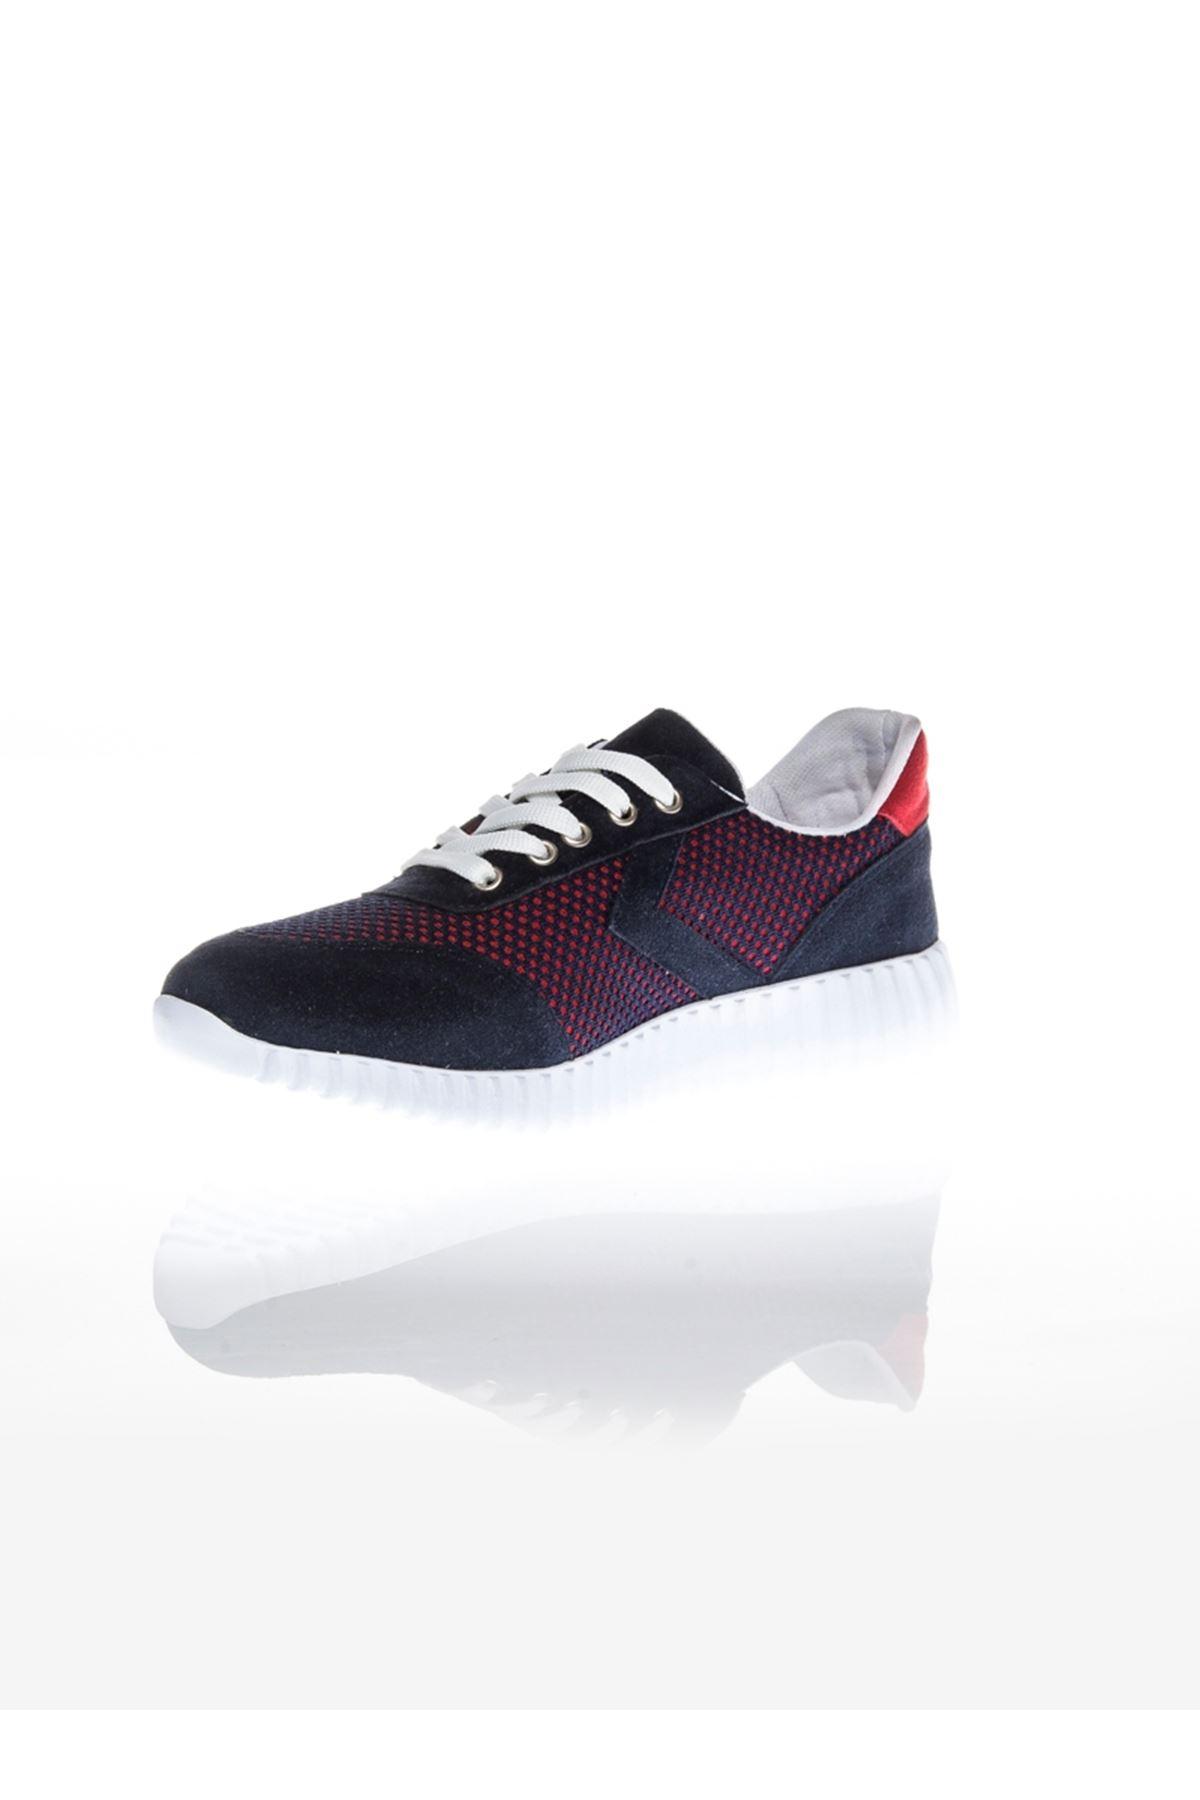 Pair Laci Kırmızı Ortapedik Bayan Spor Ayakkabı